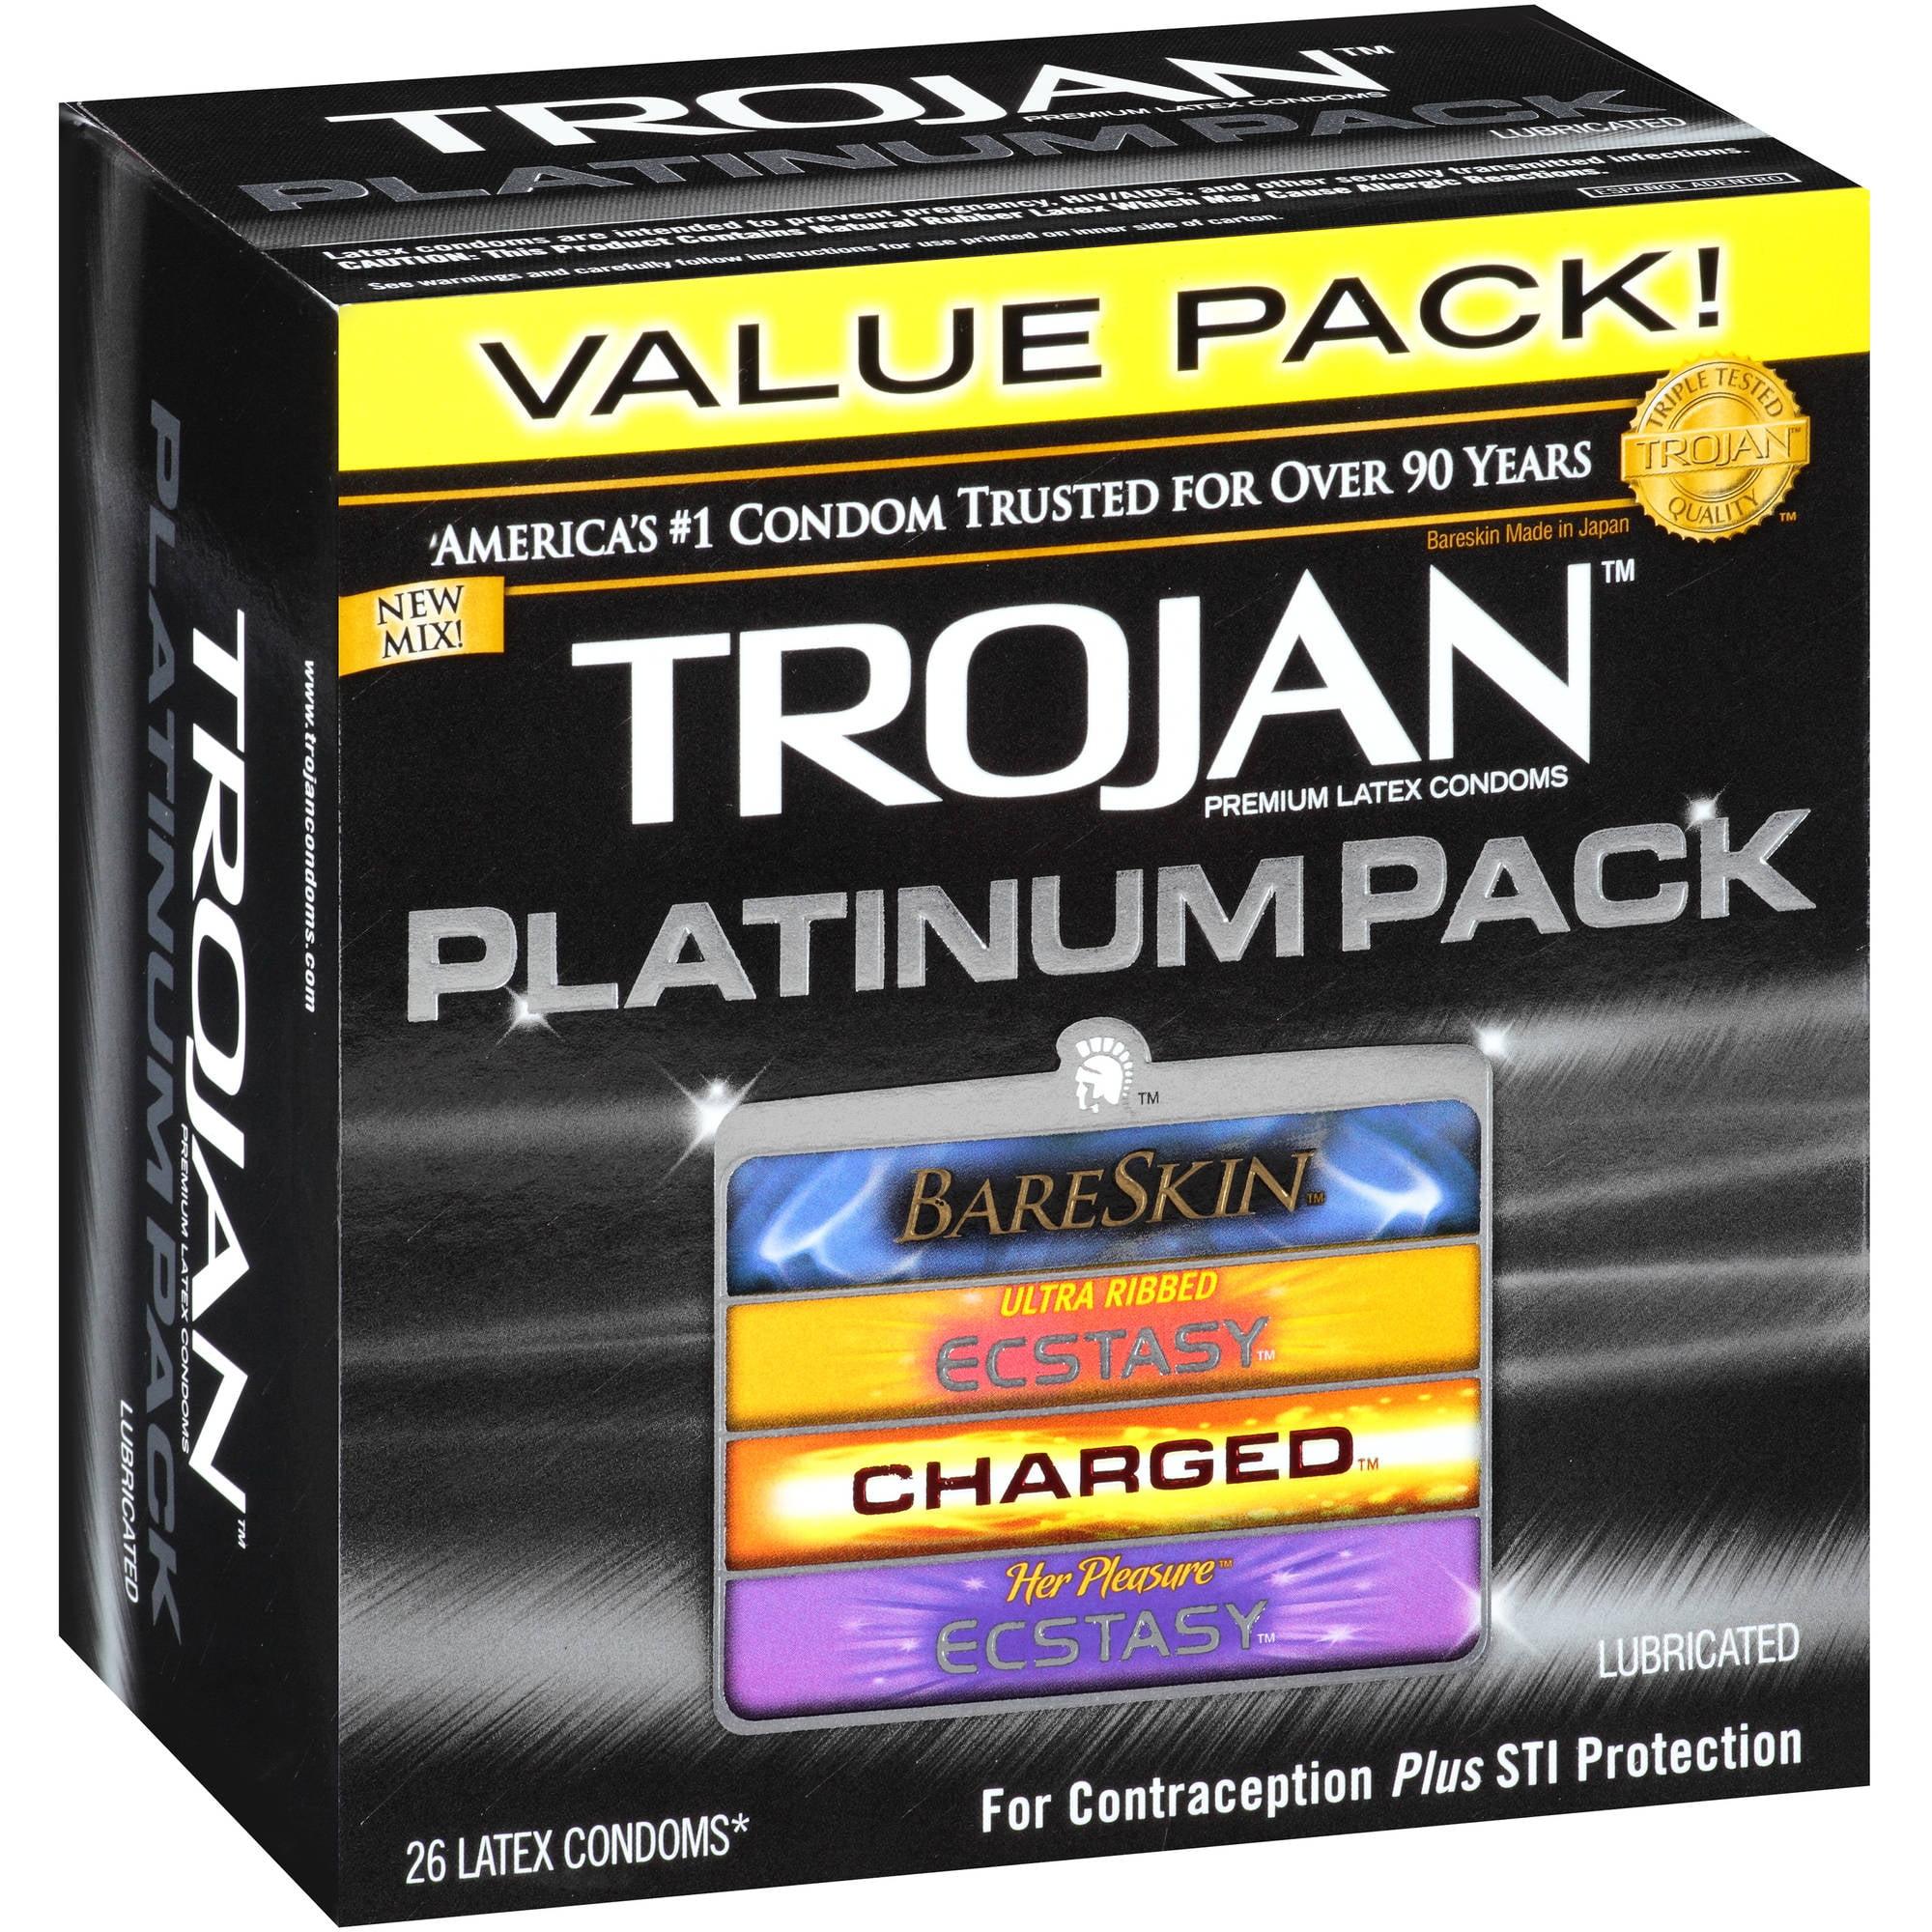 Trojan Platinum Pack Premium Latex Condoms, 26 count 99852